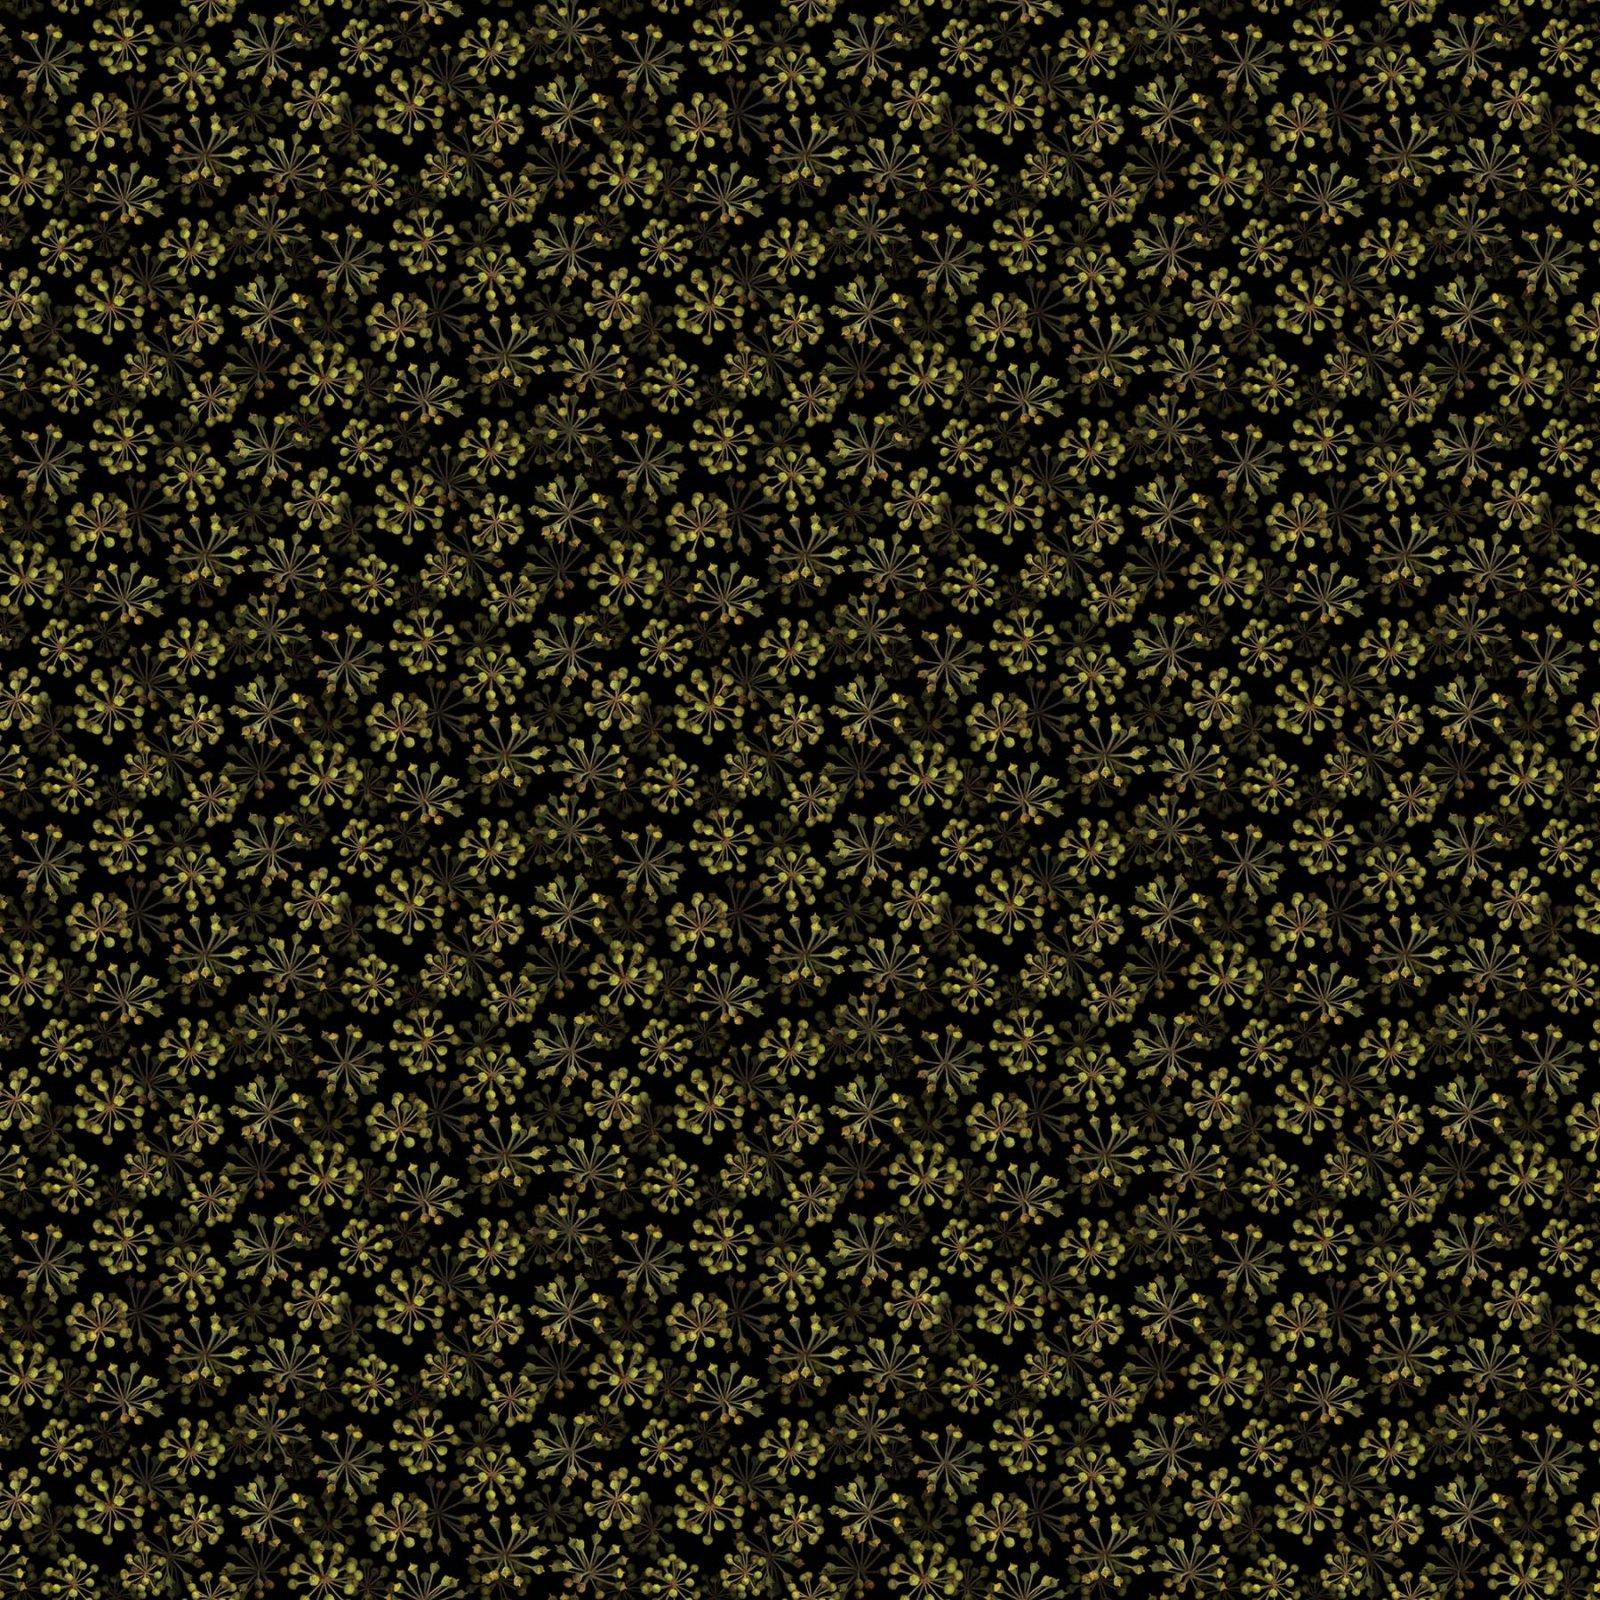 HARLOW BLACK MULTI - DP23599-99